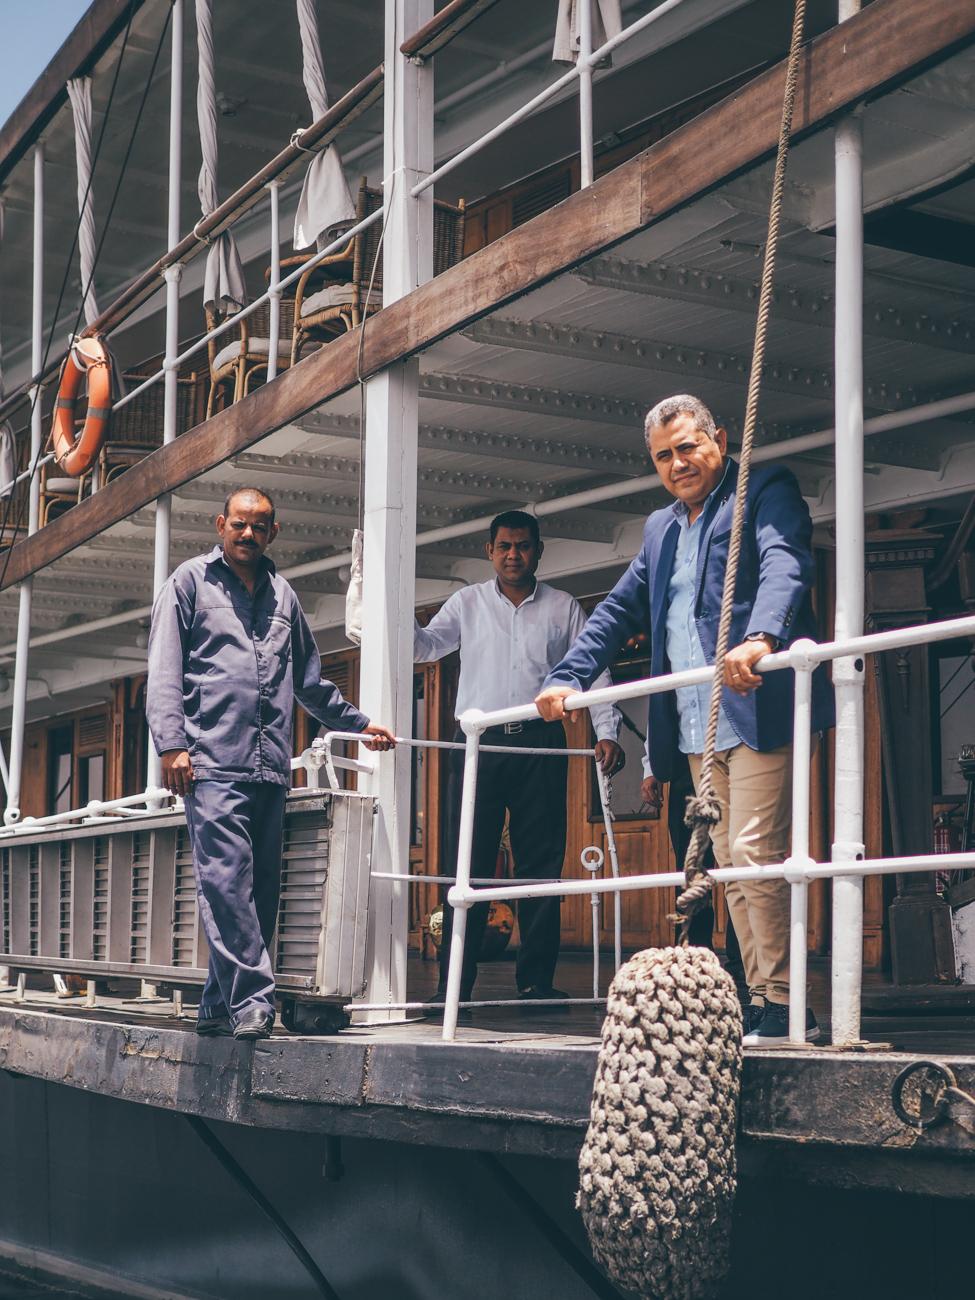 L'Égypte avec Voyageurs du Monde / Tippy.fr - Amir, le directeur, et son équipe attendent notre arrivée sur le Steam Ship Sudan